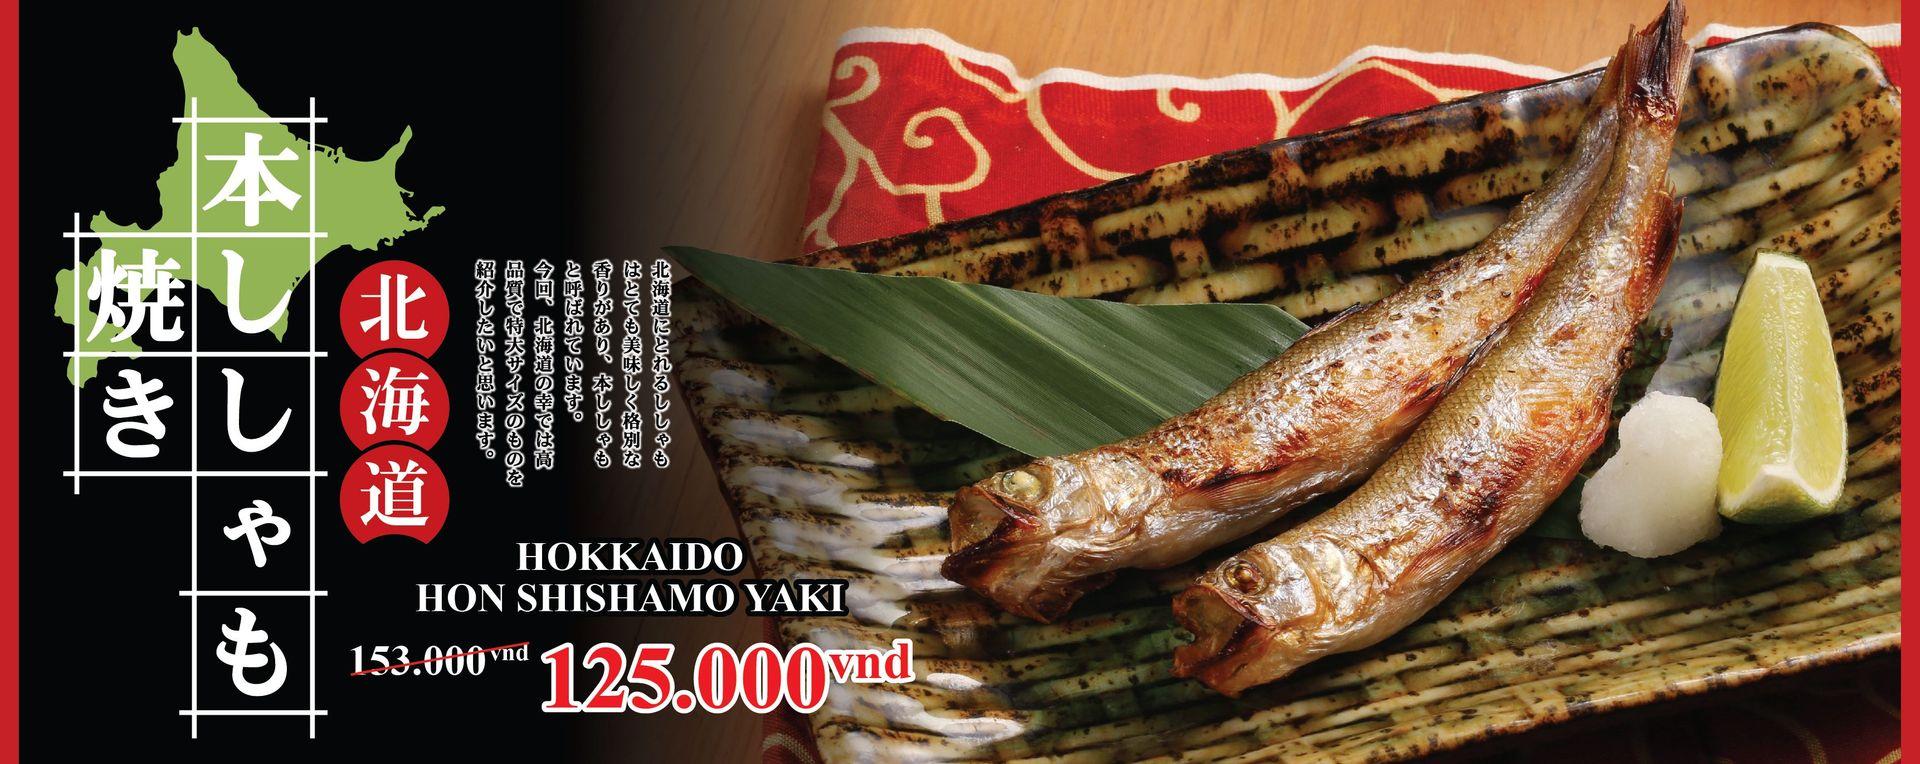 SHISHAMO - SPECIAL OFFER